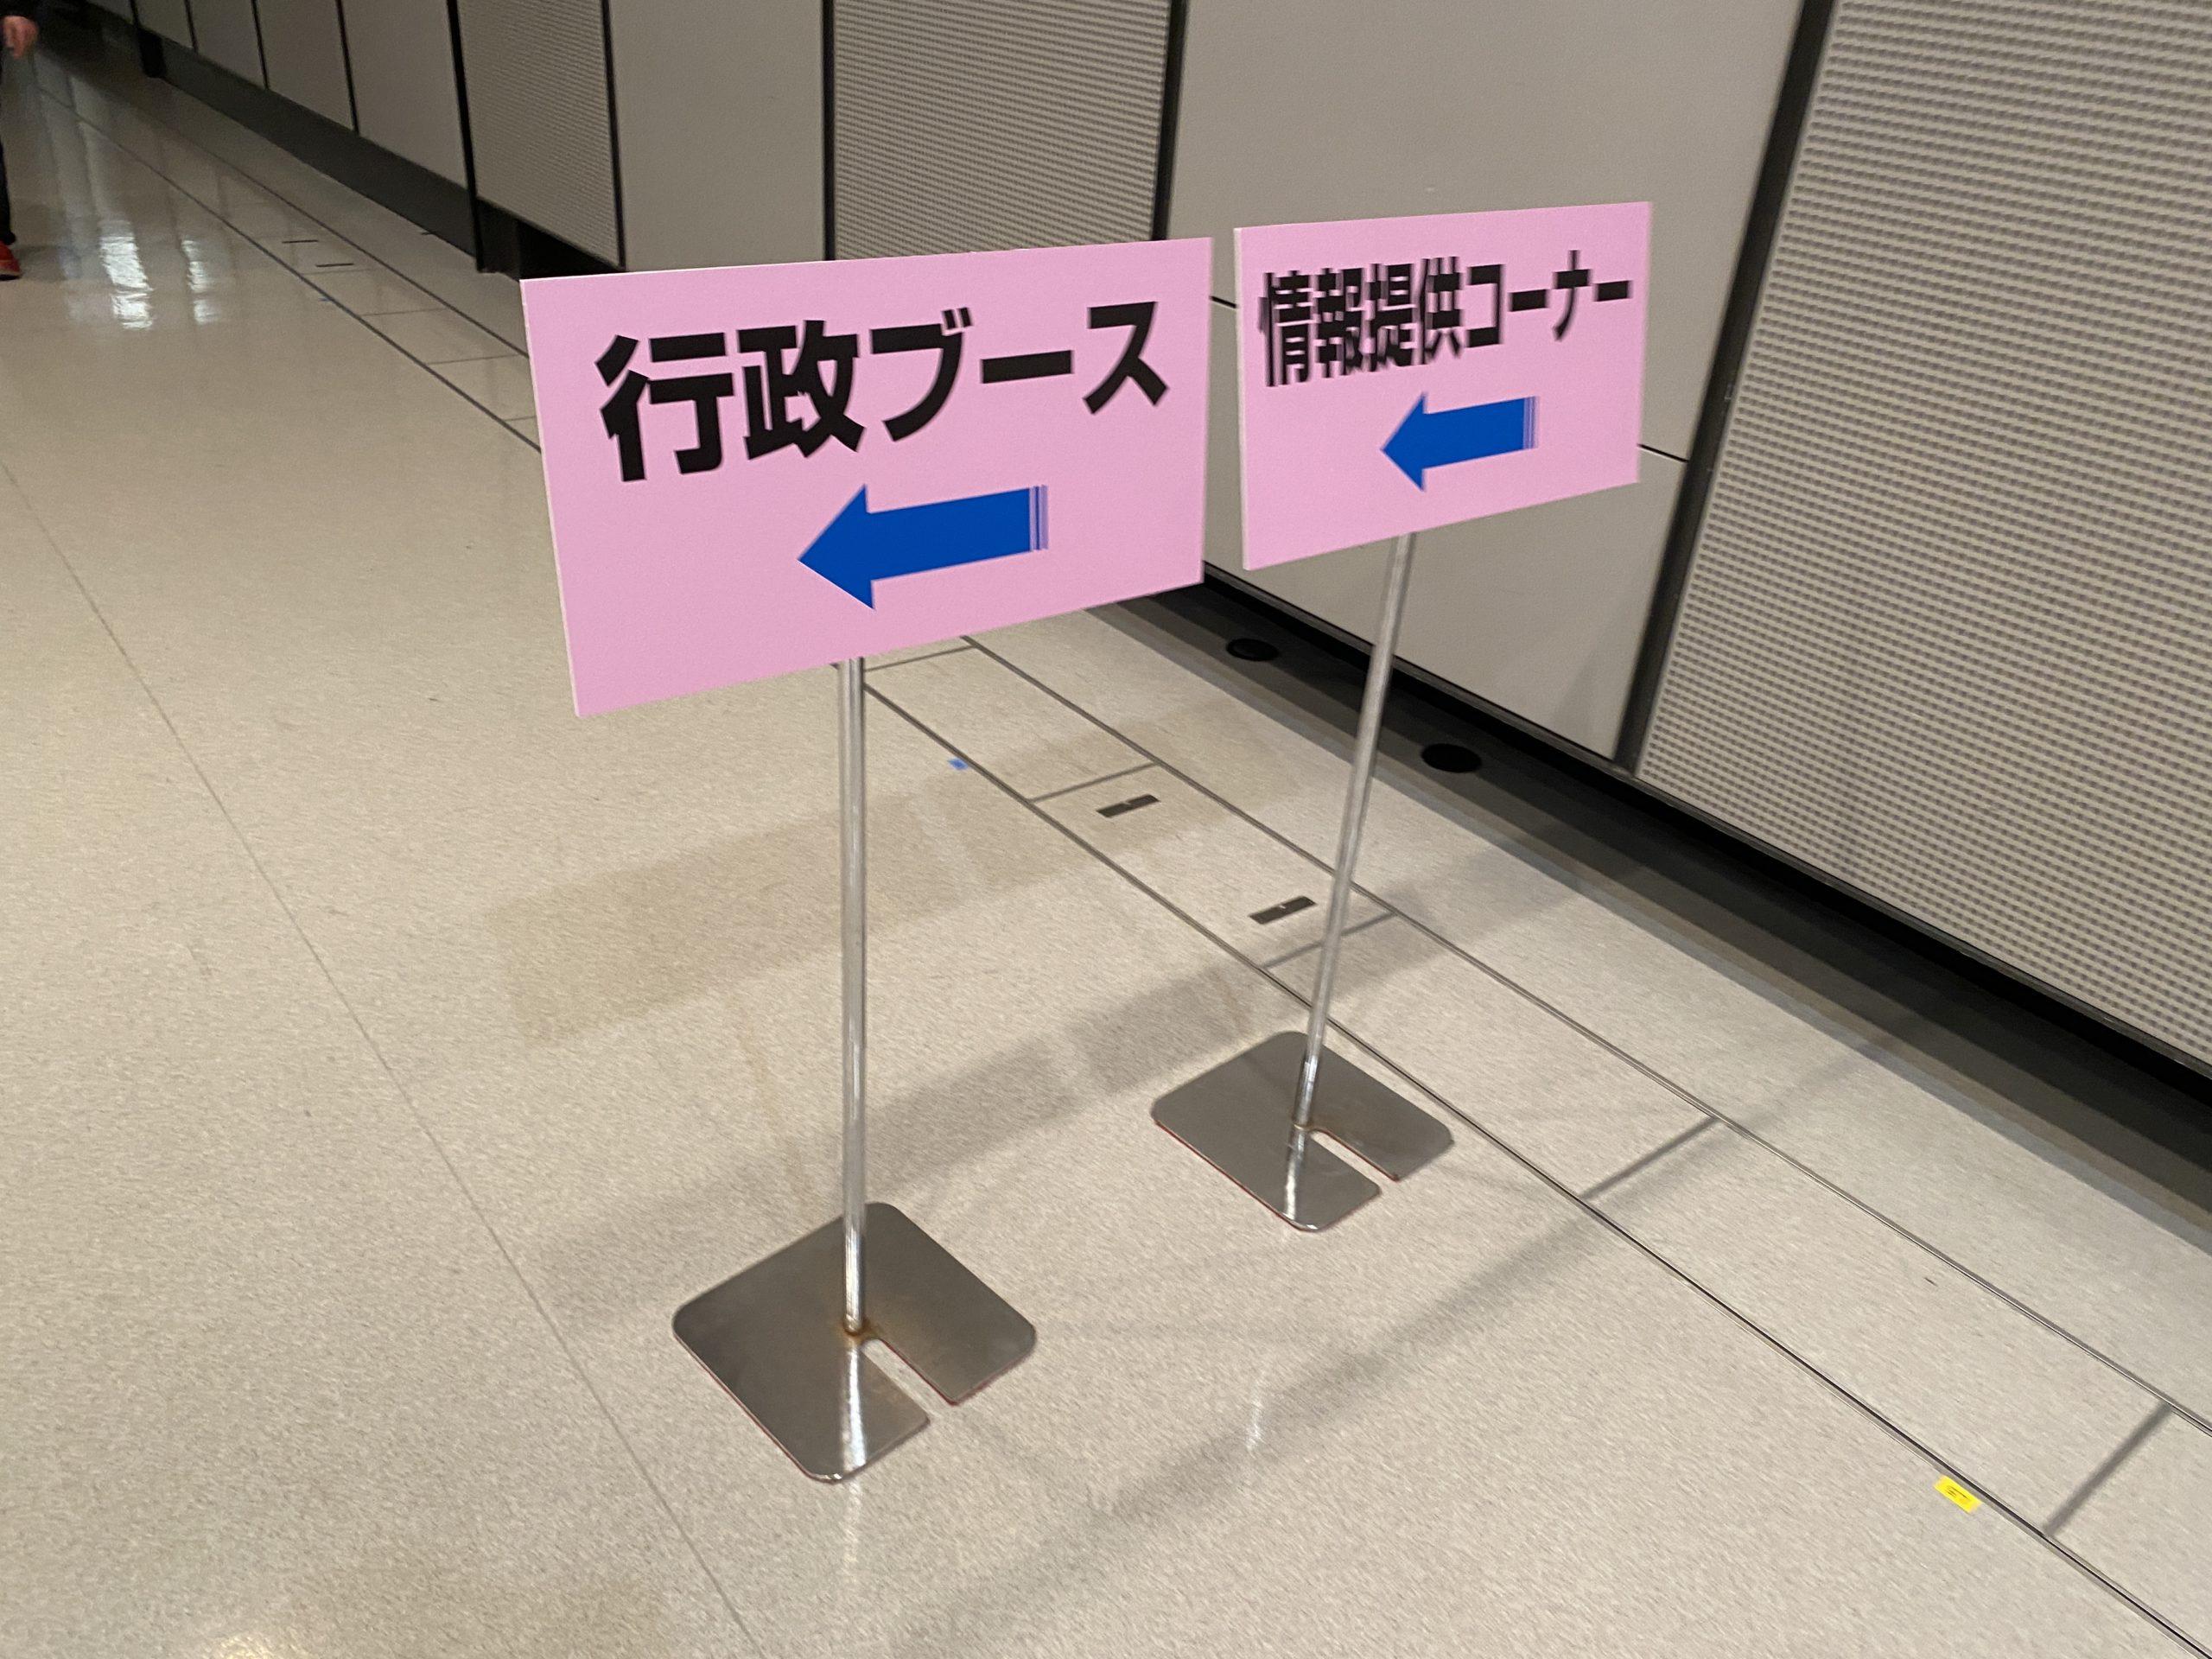 イベント用案内板制作なら、神奈川イベント会社へ